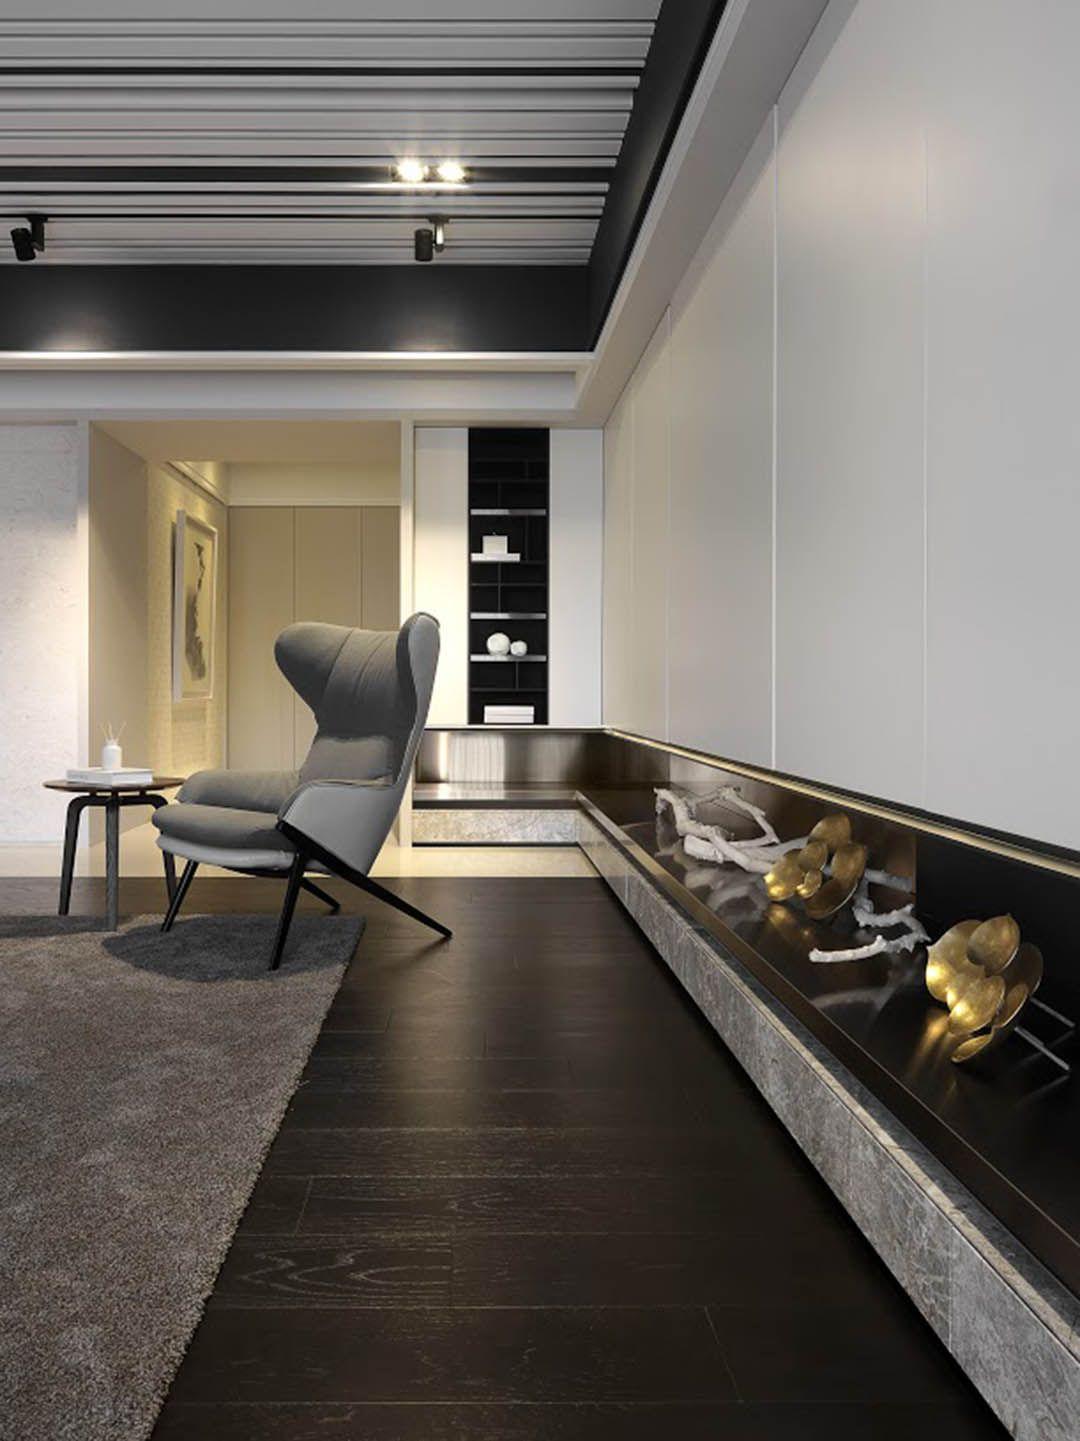 moderne inneneinrichtung haus pin von jay ren auf model houses pinterest wohnzimmer